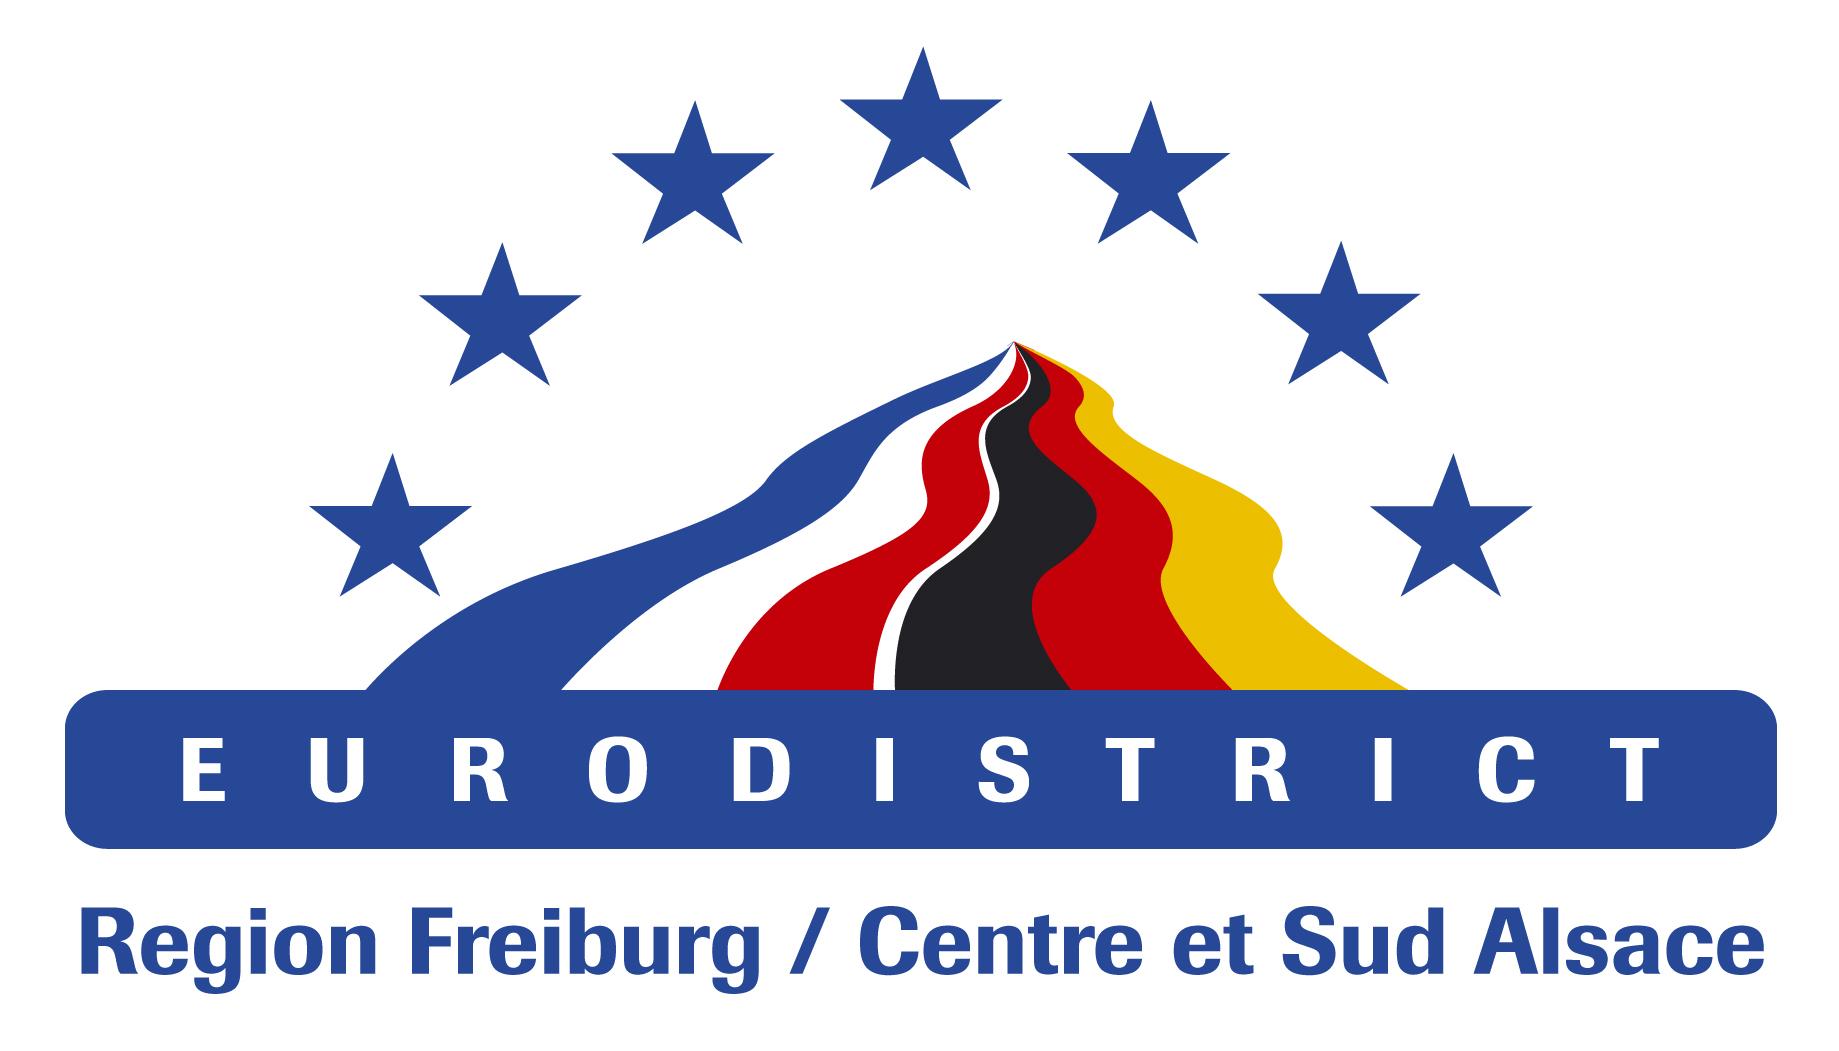 Eurodistrict Région Freiburg / Centre et Sud Alsace